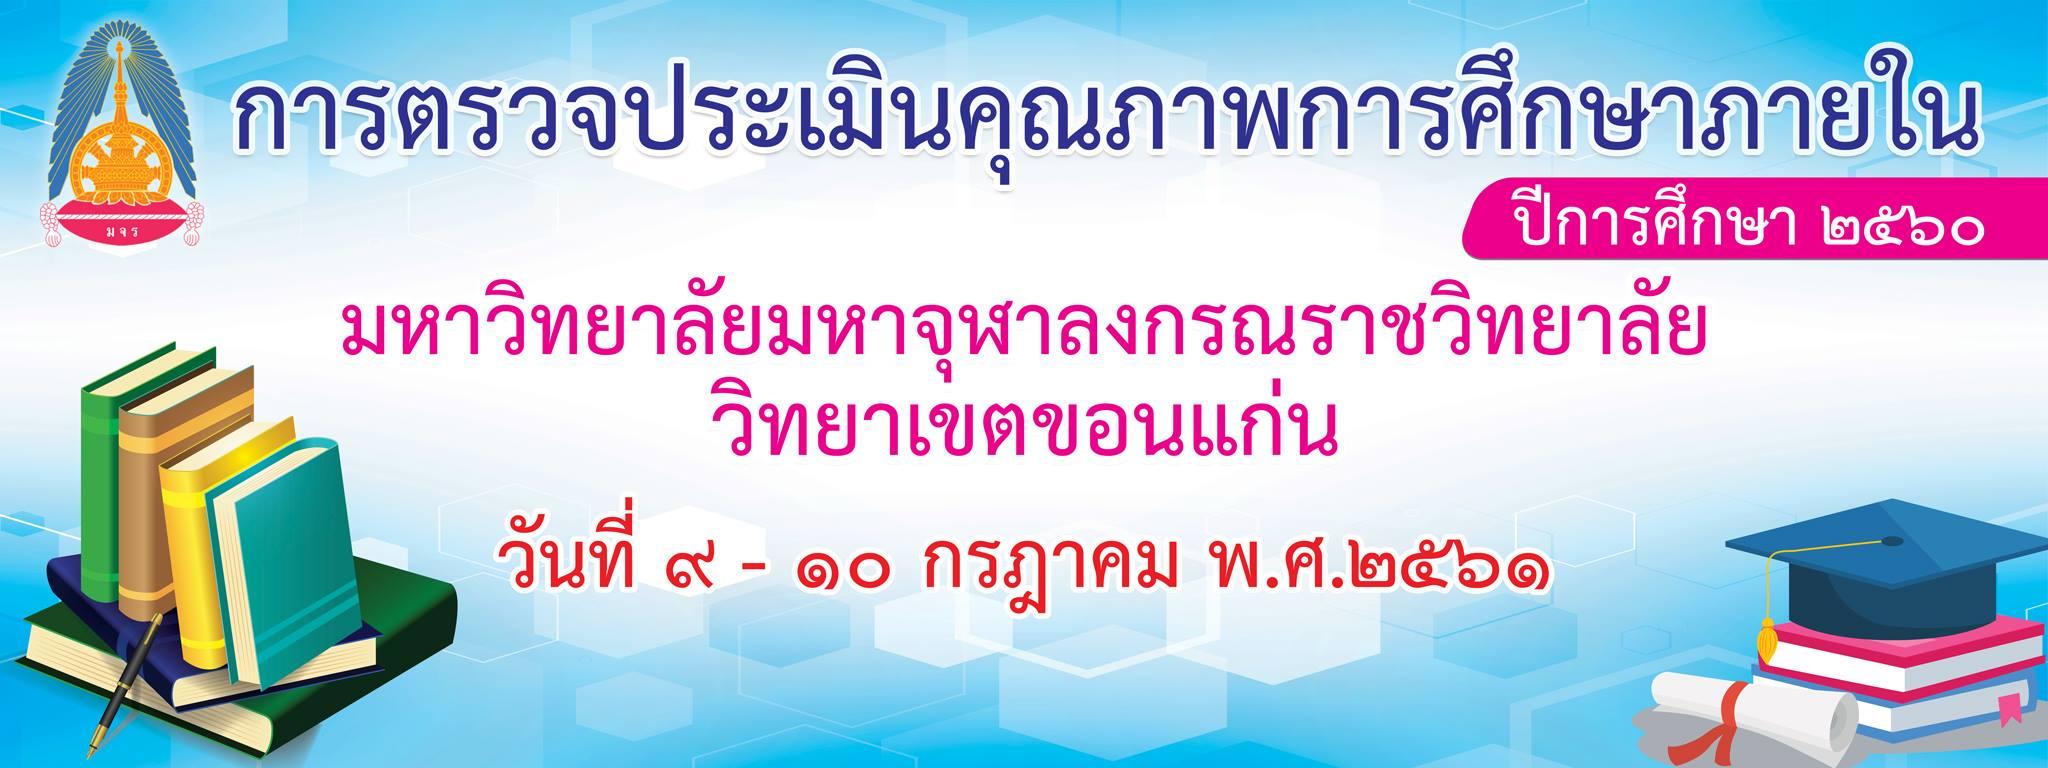 กำหนดการตรวจประเมินคุณภาพการศึกษาระดับหลักสูตรฯ ประจำปี 2560 วันที่ 25 - 29 มิถุนายน 256